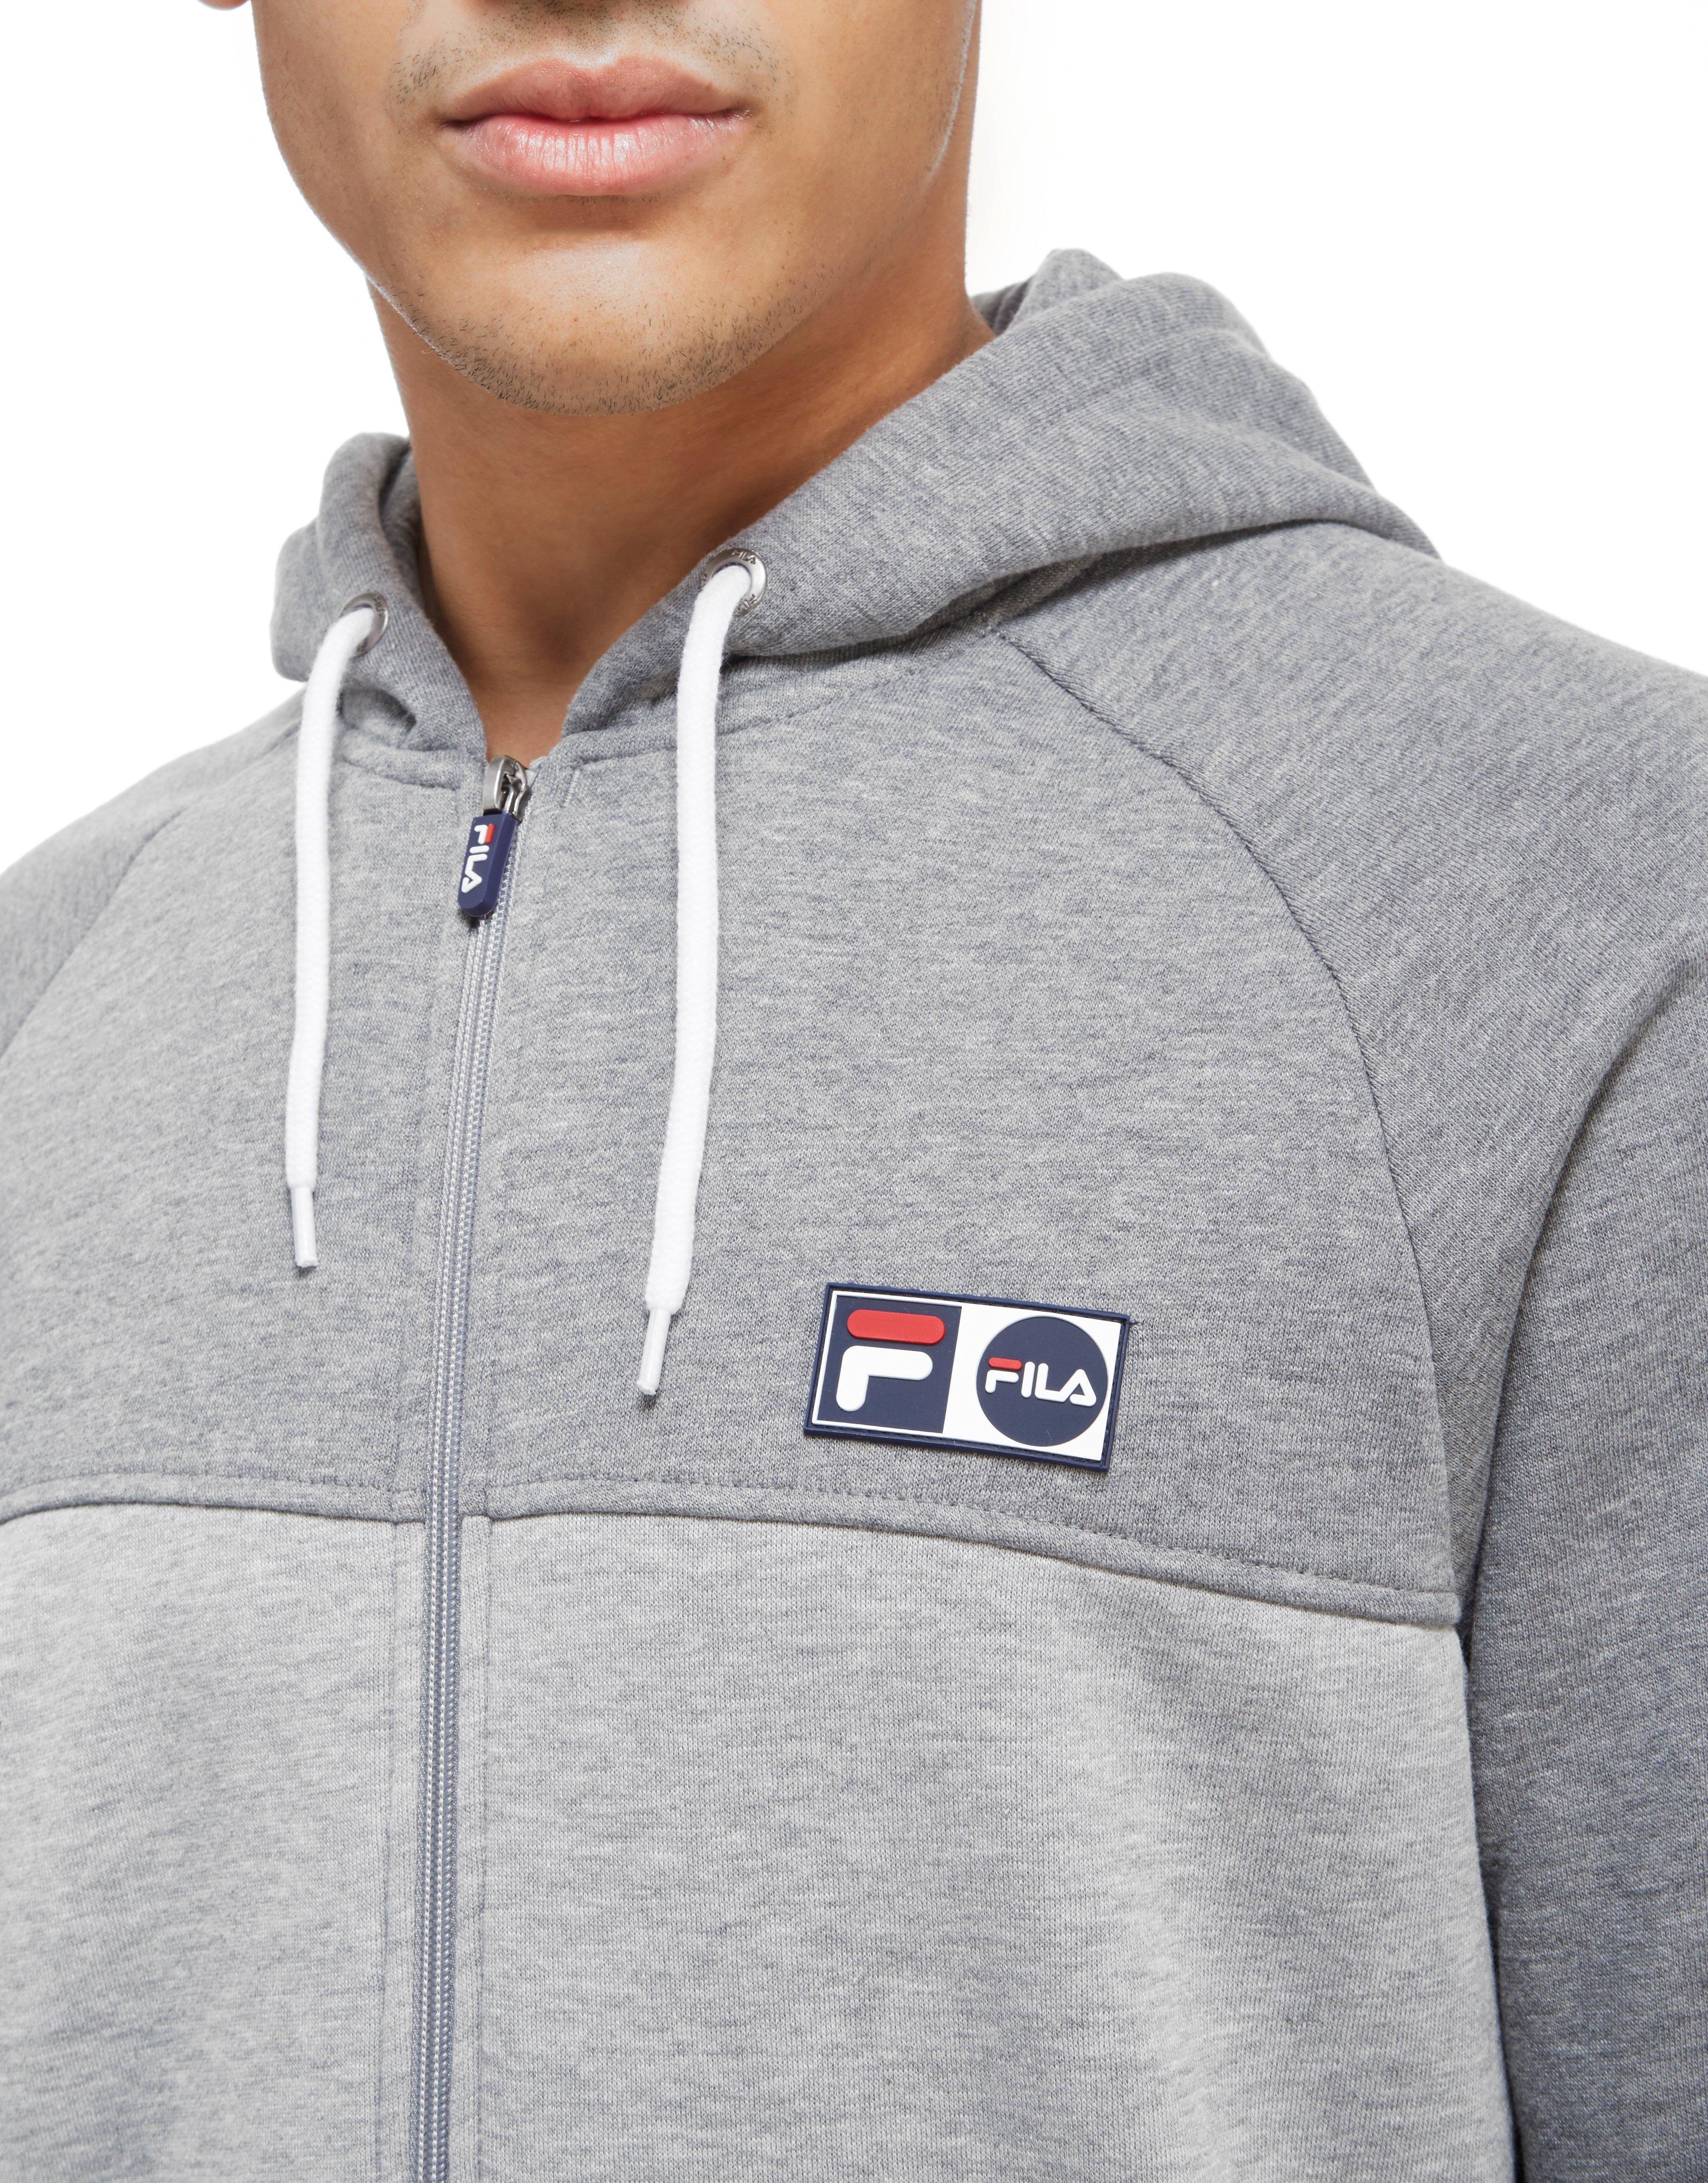 c6eee1871b9a Lyst - Fila Songini Fleece Full Zip Hoodie in Gray for Men